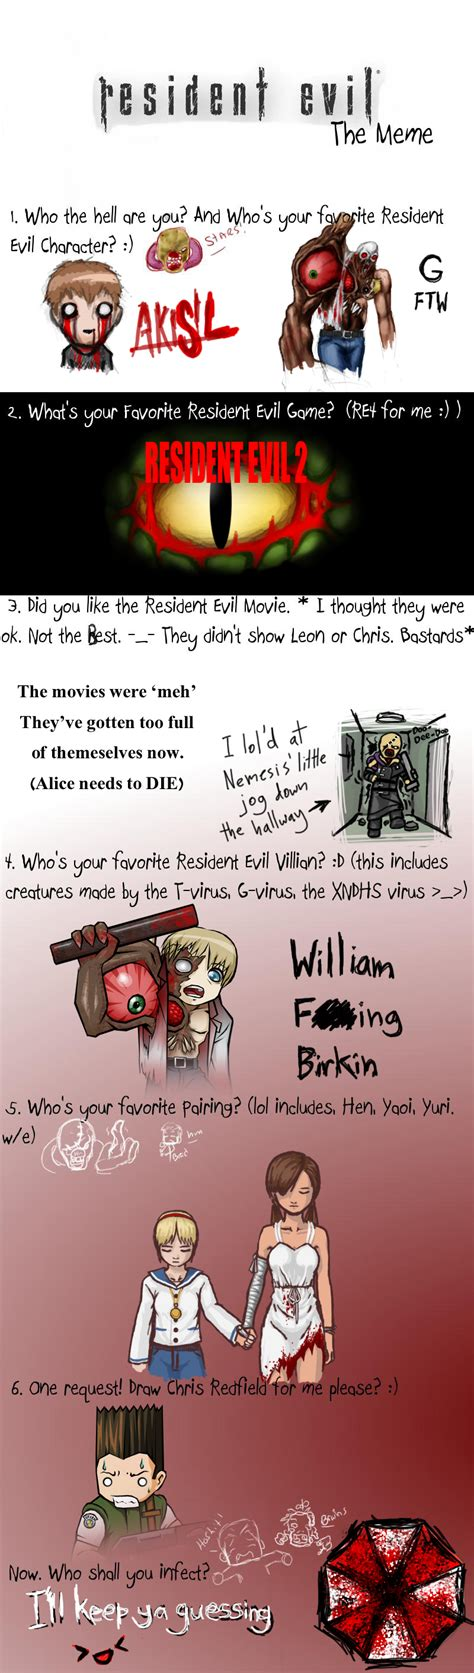 Resident Evil Memes - resident evil meme d by akisil on deviantart